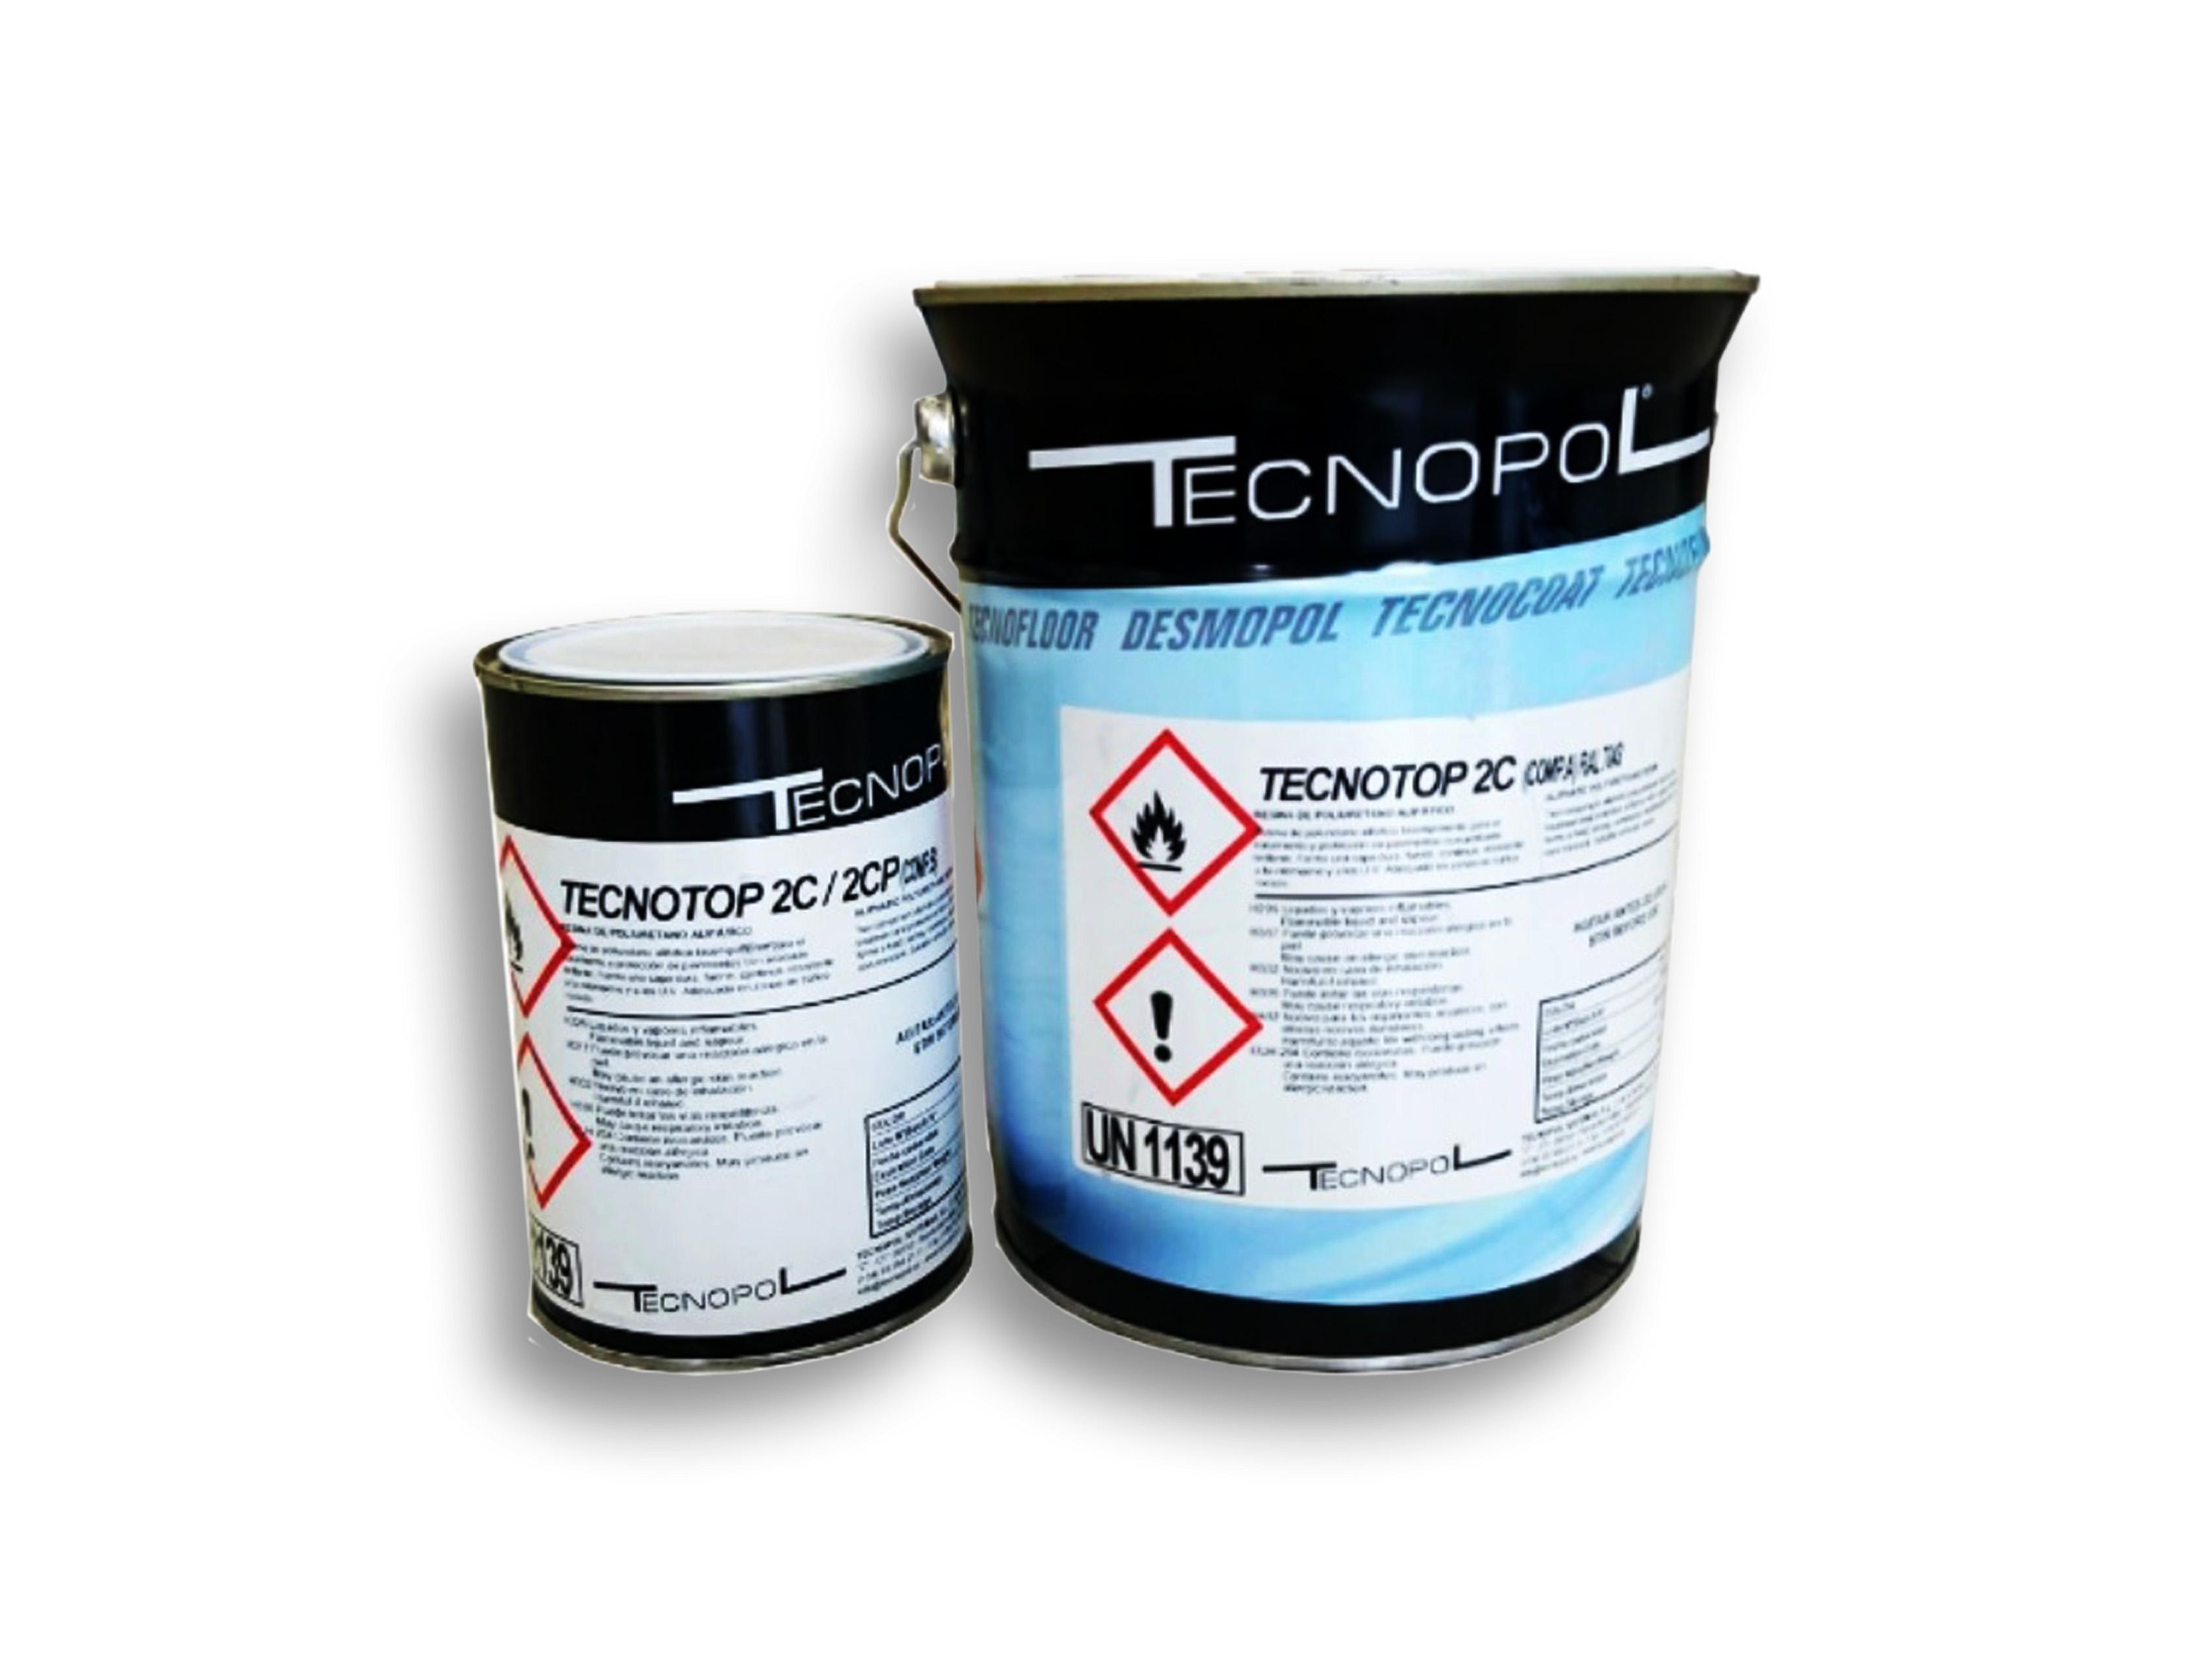 Tecnotop 2C